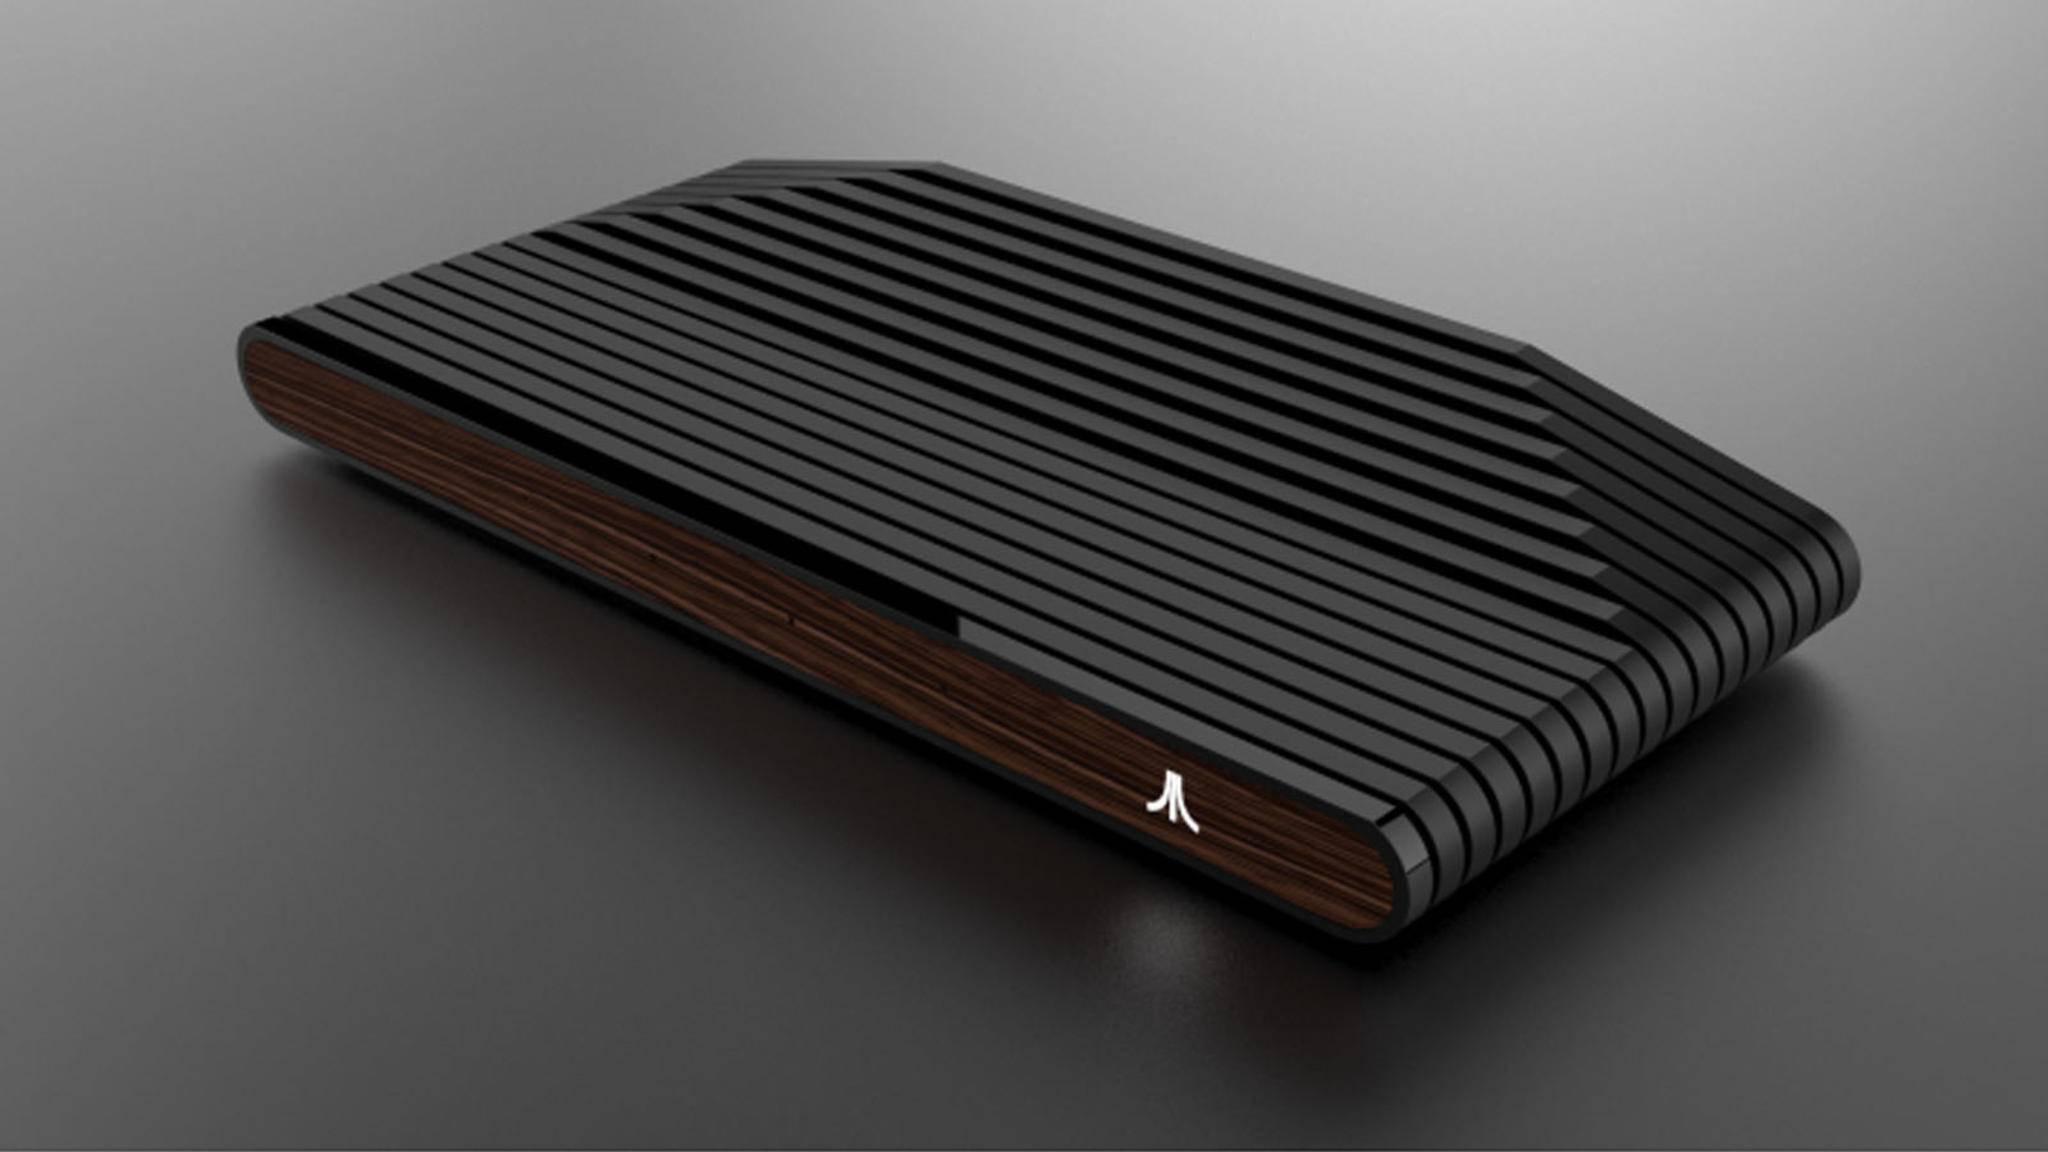 Es gibt neue Details zur mit Spannung erwarteten Ataribox!